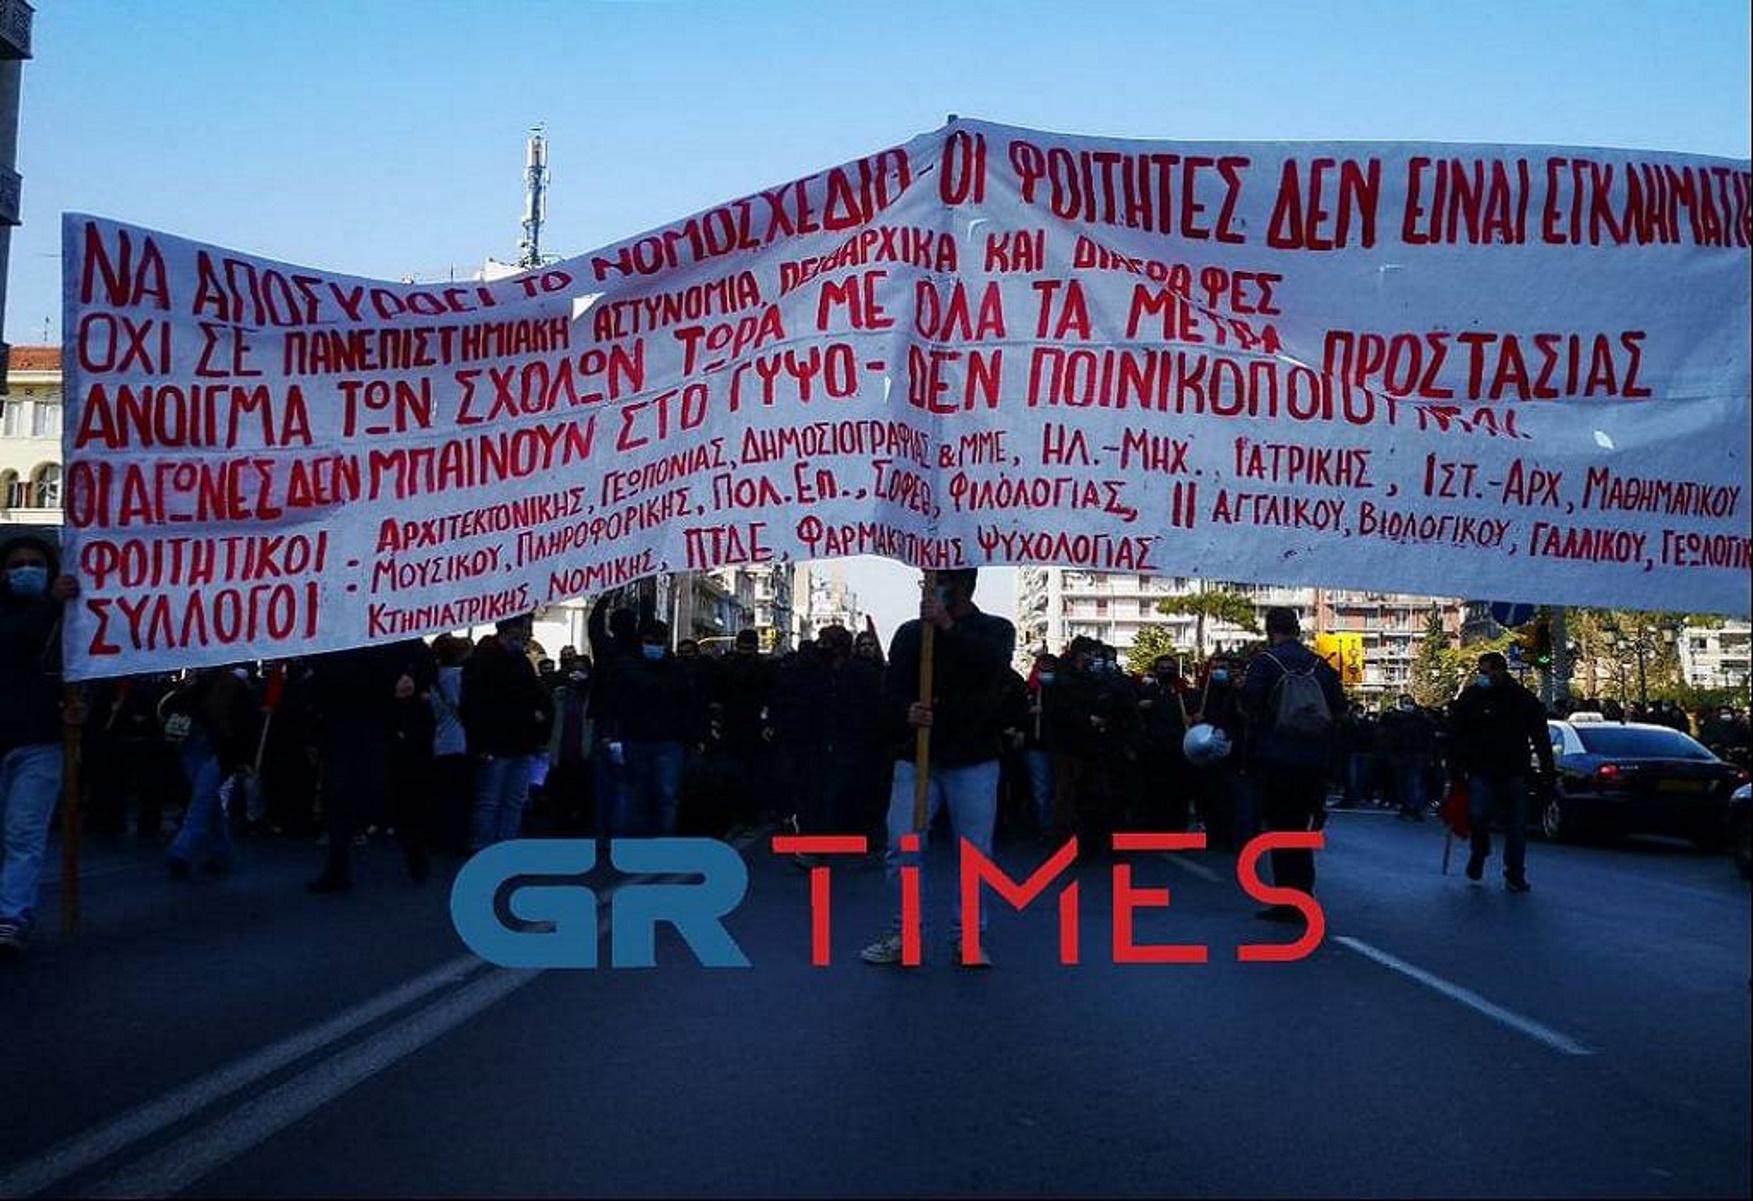 Θεσσαλονίκη: Πανεκπαιδευτικό συλλαλητήριο – «Υπουργείο κλειστών  πανεπιστημίων» (pics, video)